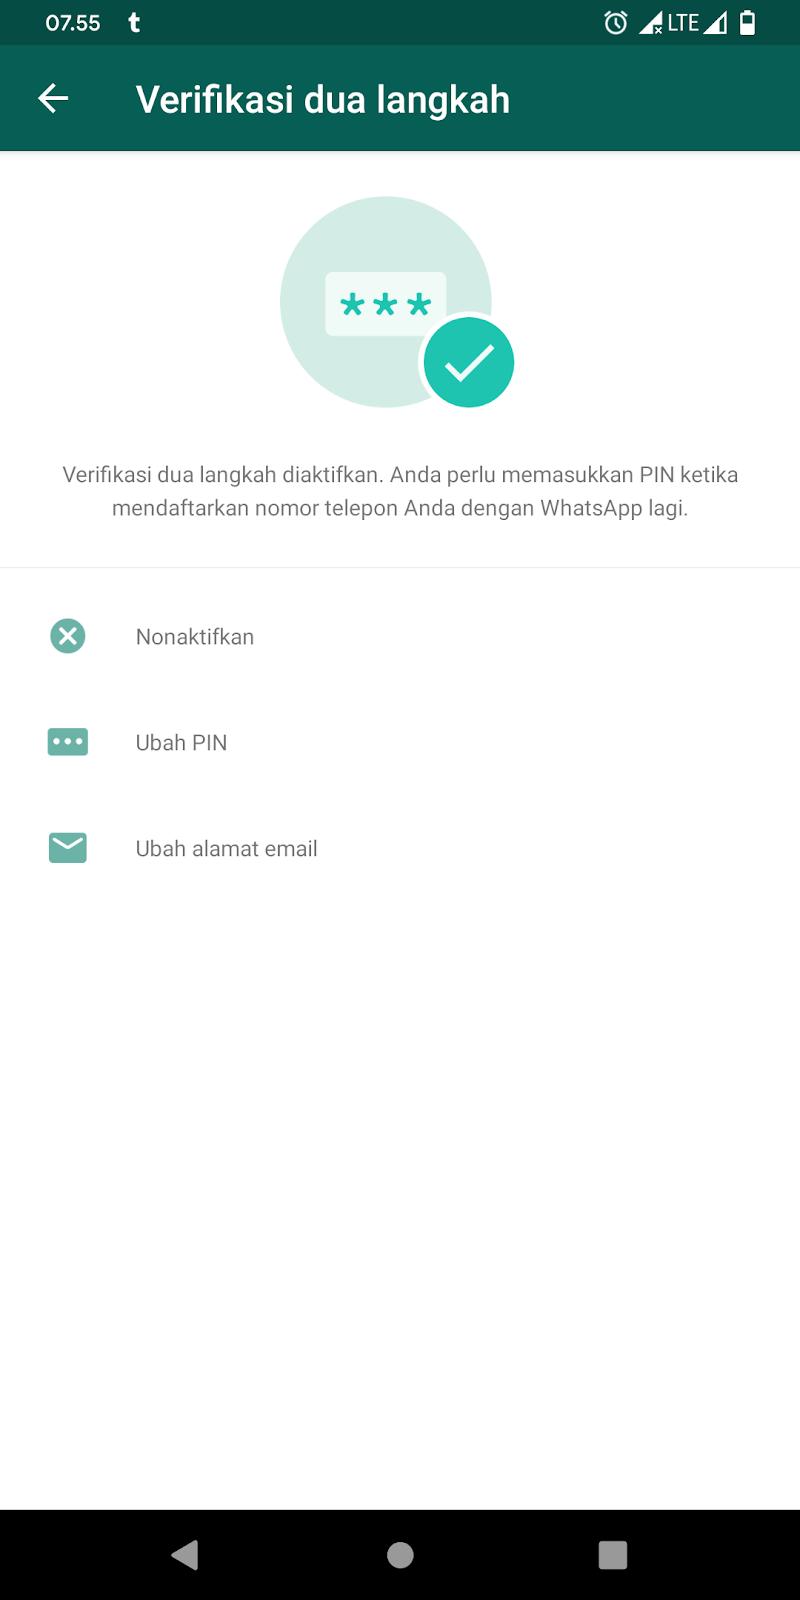 Cara Mengaktifkan Verifikasi Dua Langkah Akun WhatsApp